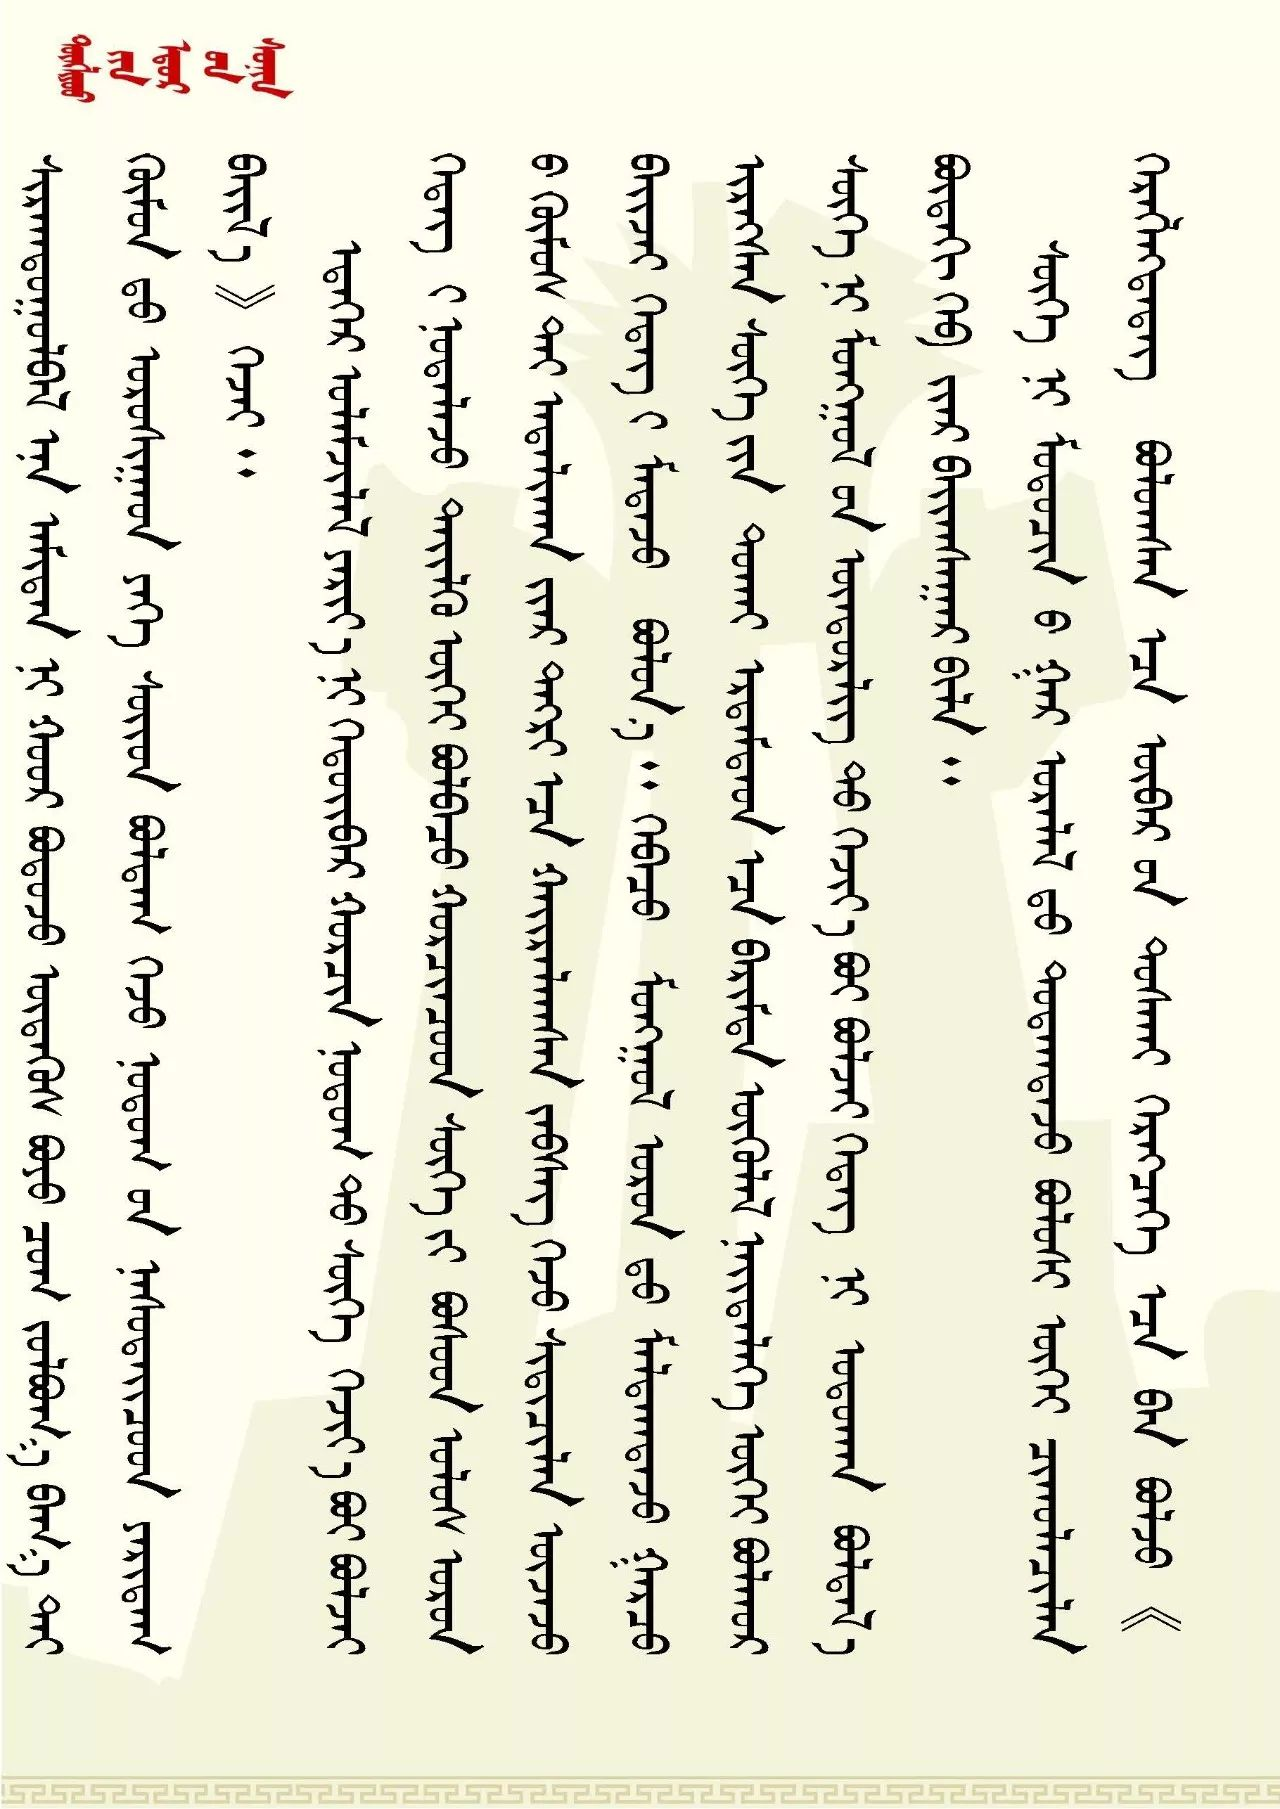 【文化】科尔沁木工文化(蒙古文) 第13张 【文化】科尔沁木工文化(蒙古文) 蒙古文化